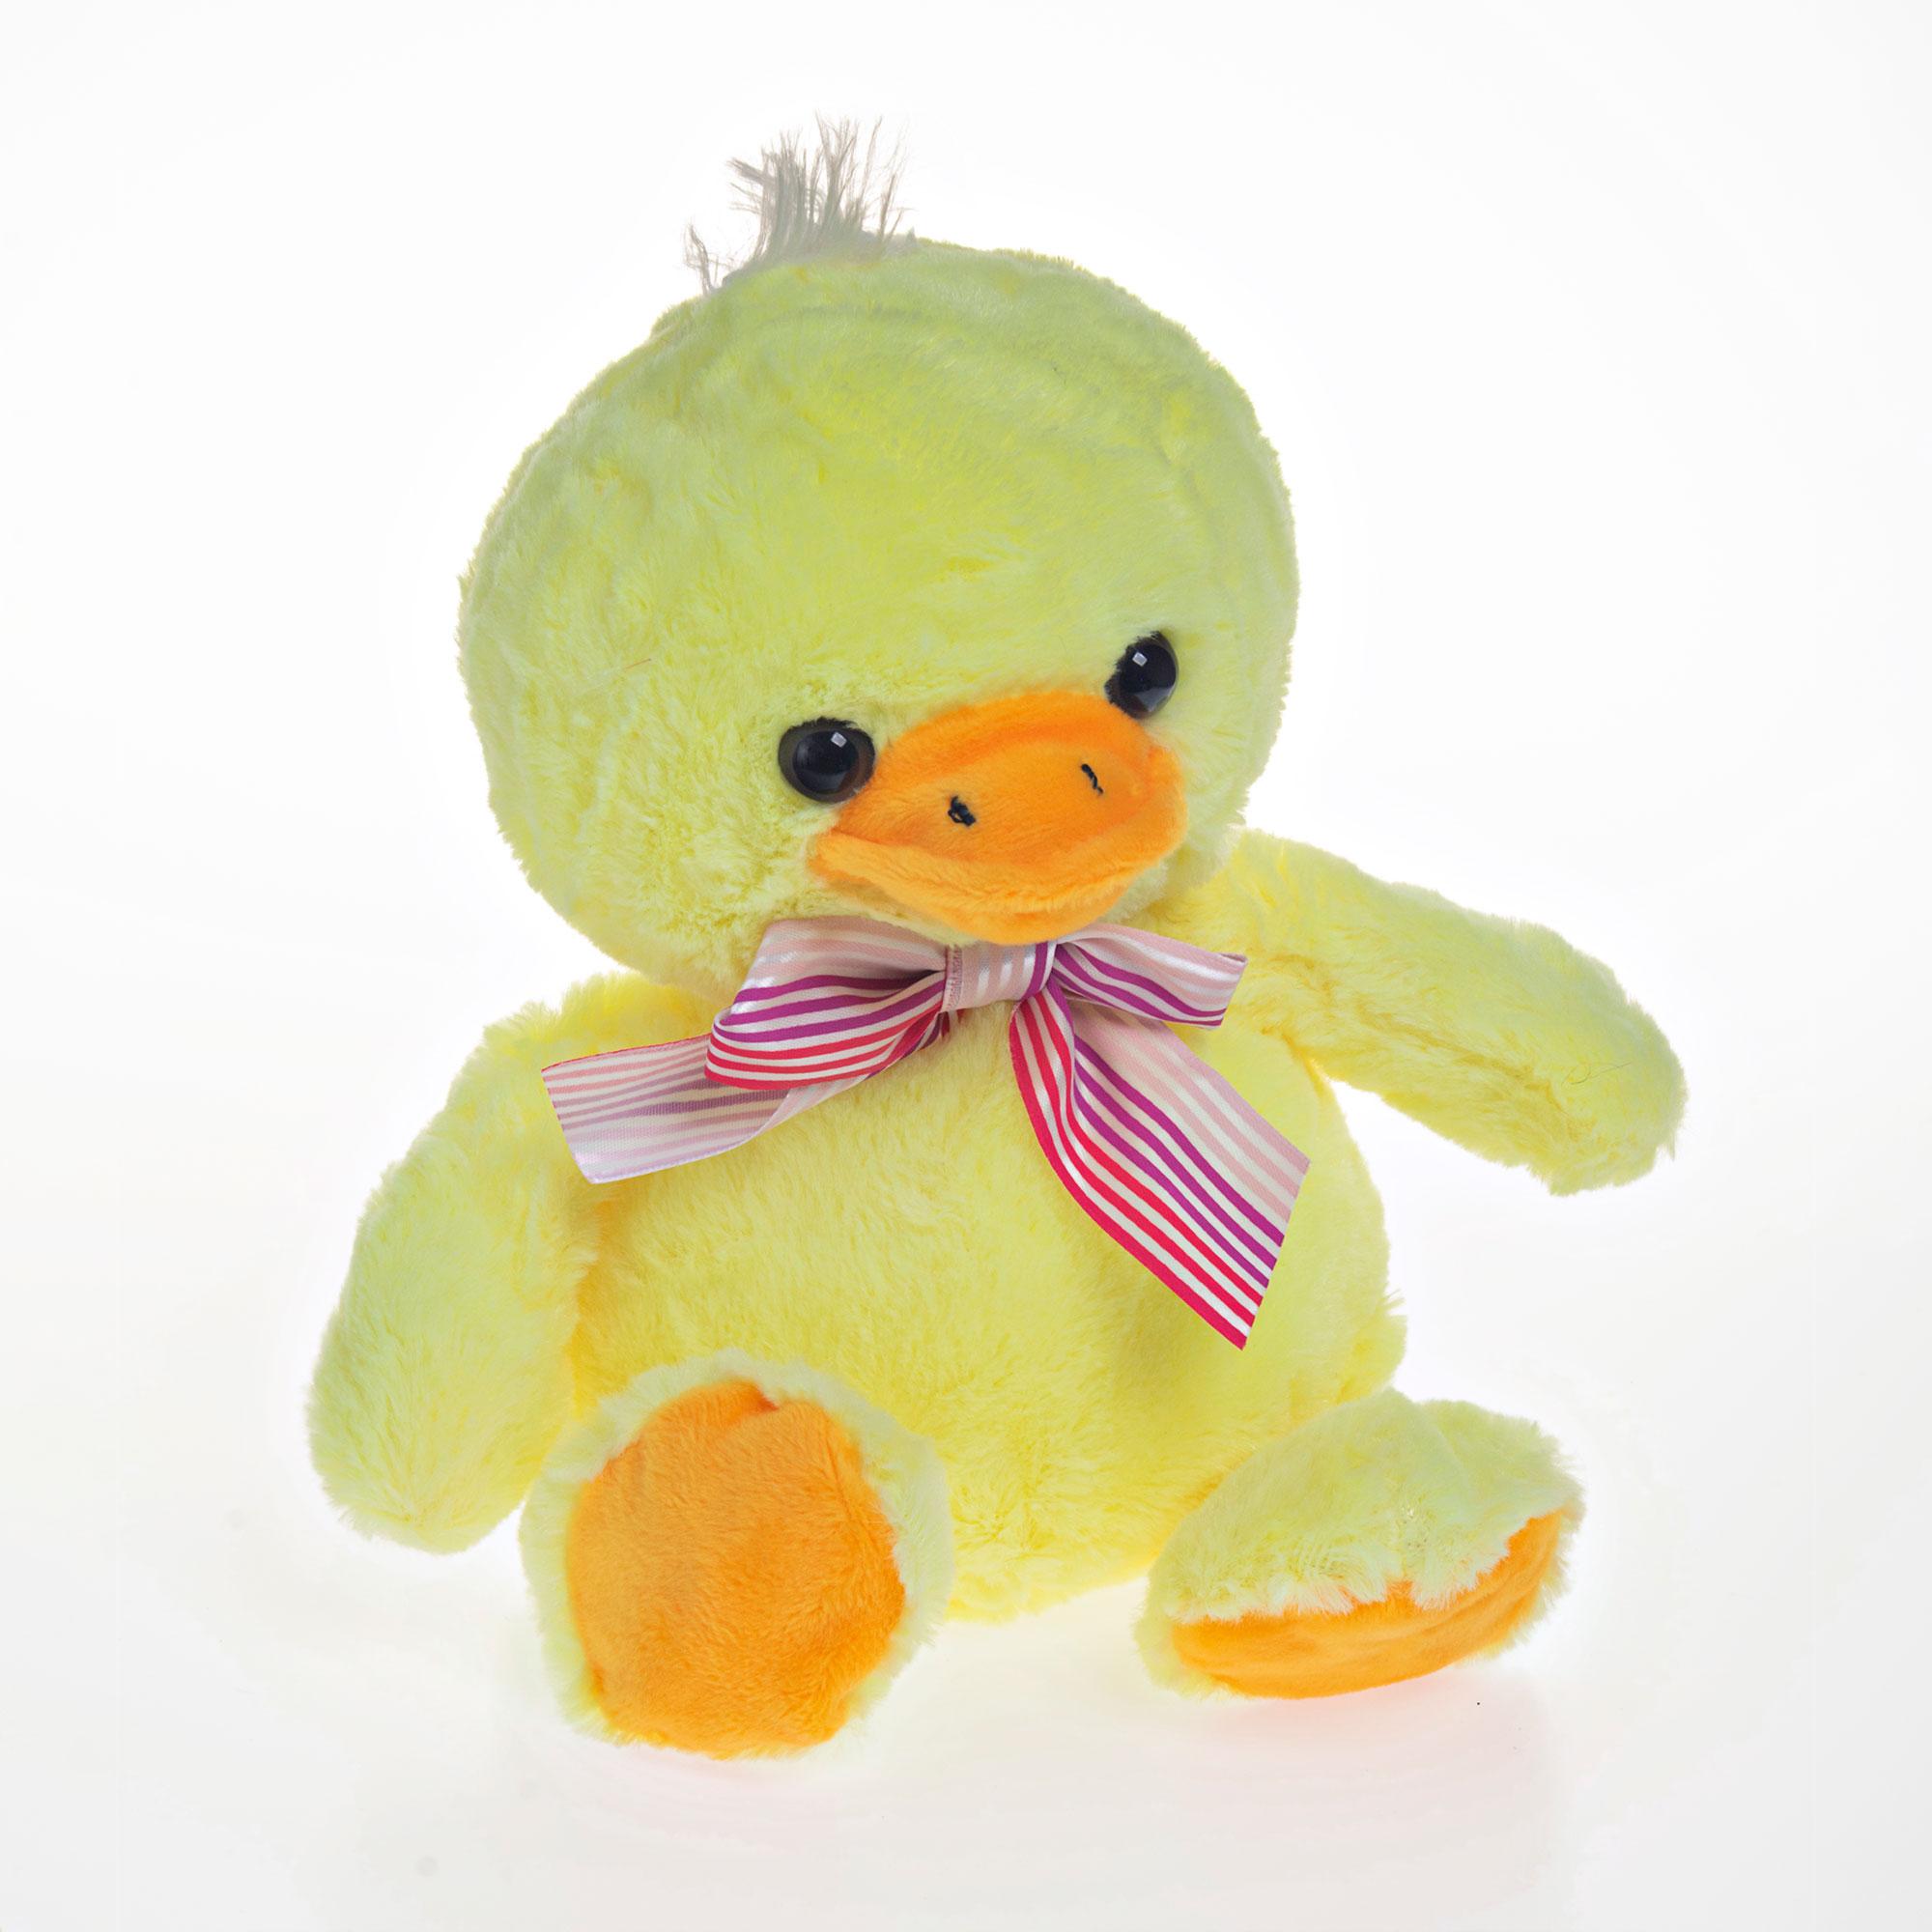 Pato de Pelúcia 19cm Sentado